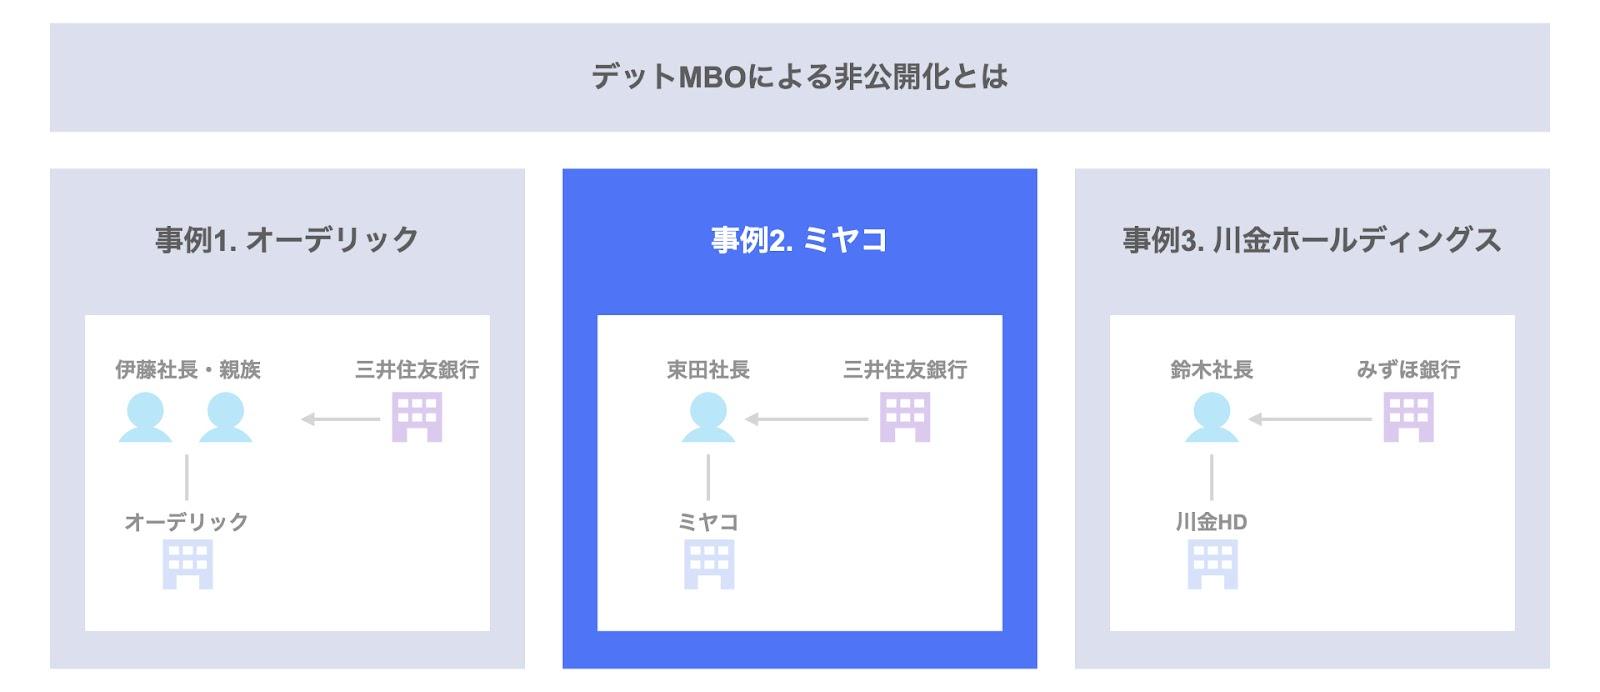 事例2. ミヤコのデットMBO